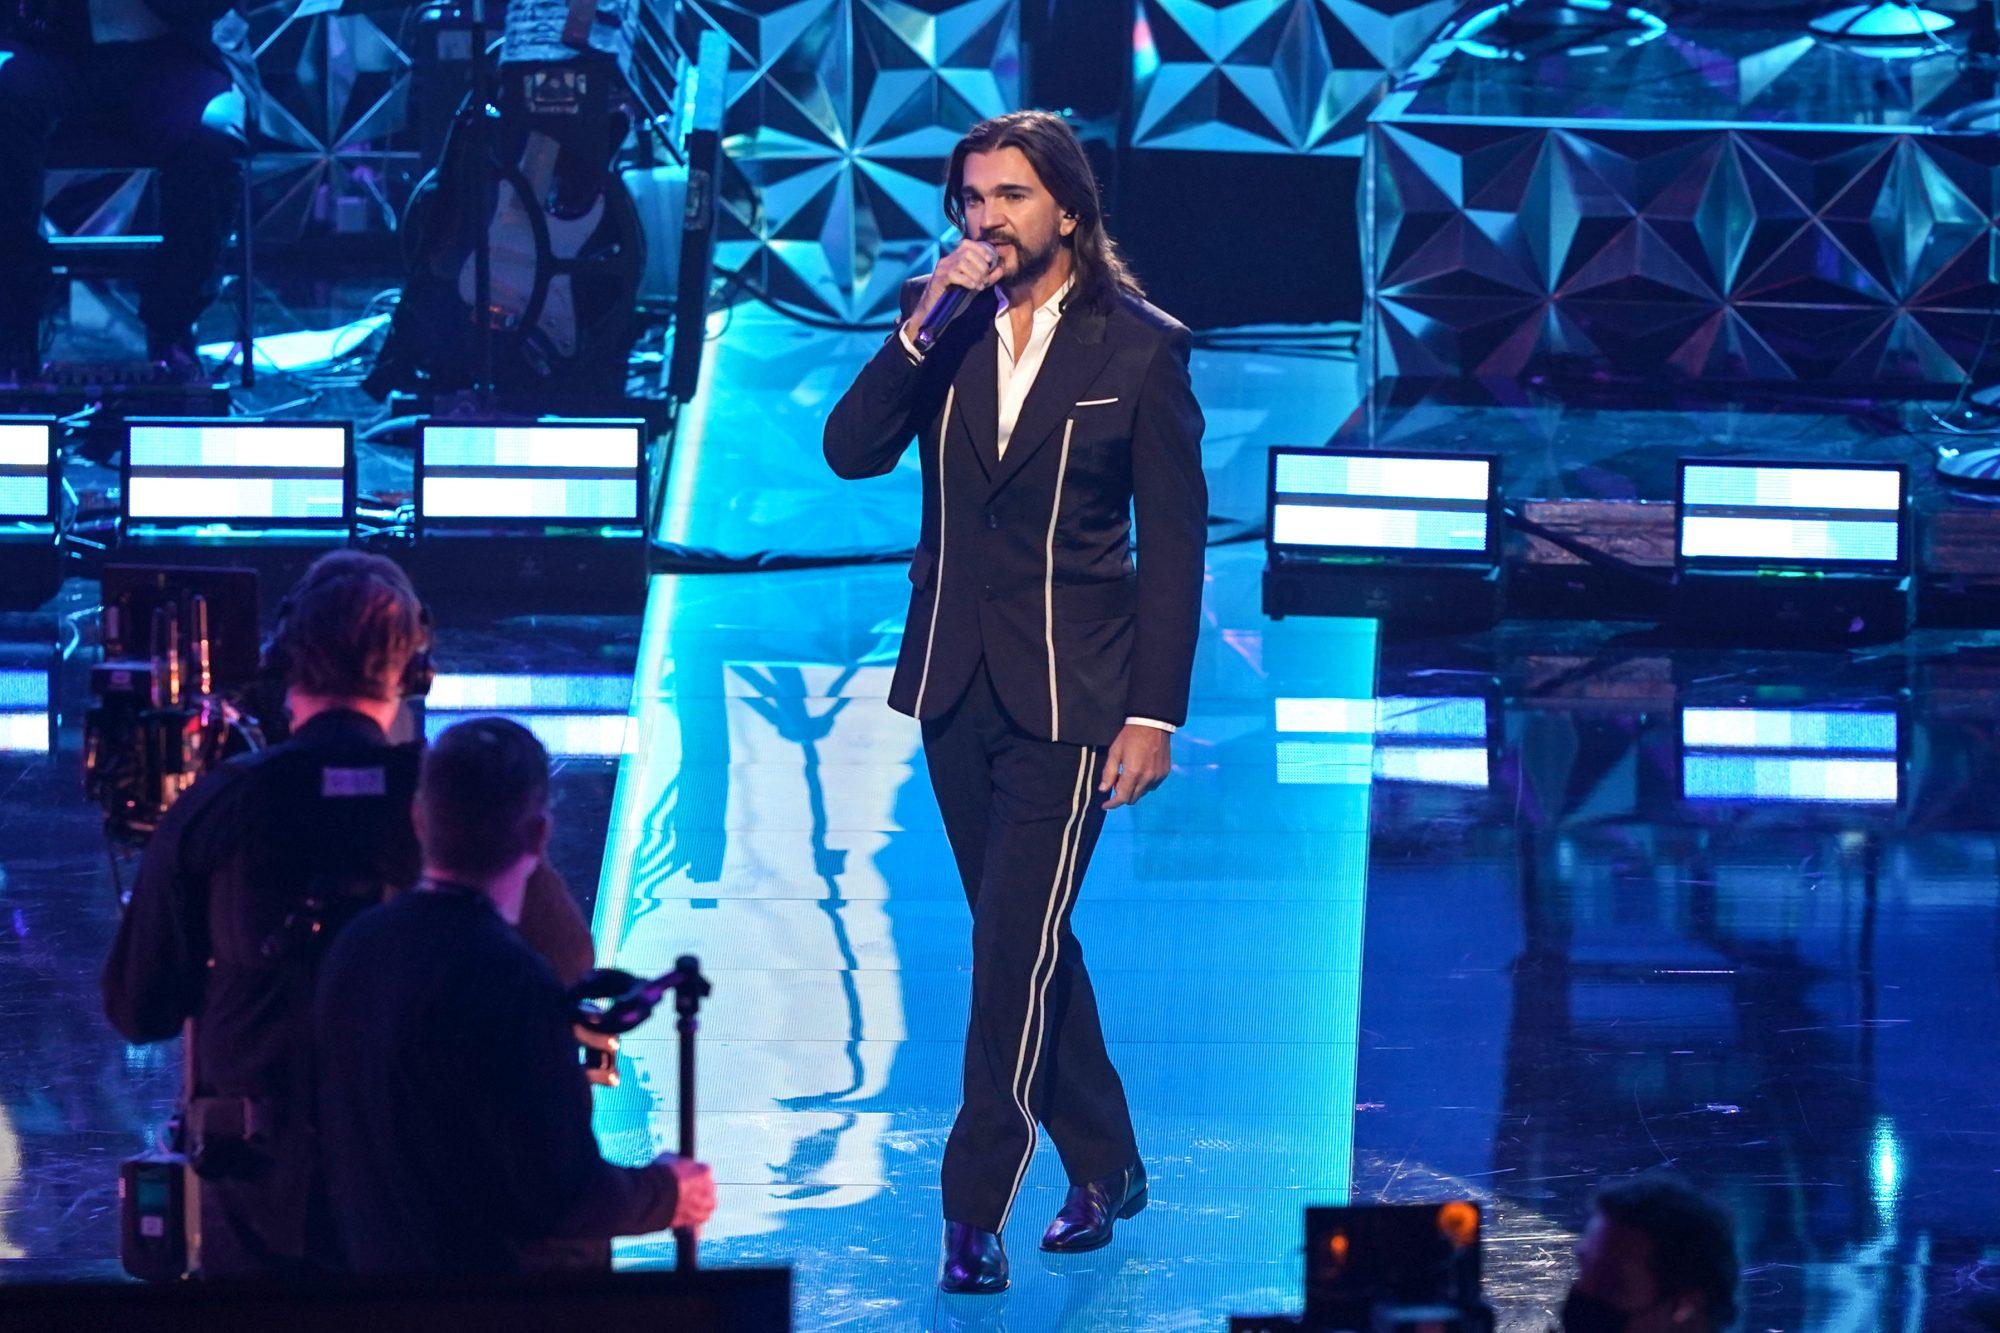 """El cantante colombiano Juanes cantó """"El gato que está triste y azul"""" del maestro brasileño Roberto Carlos."""